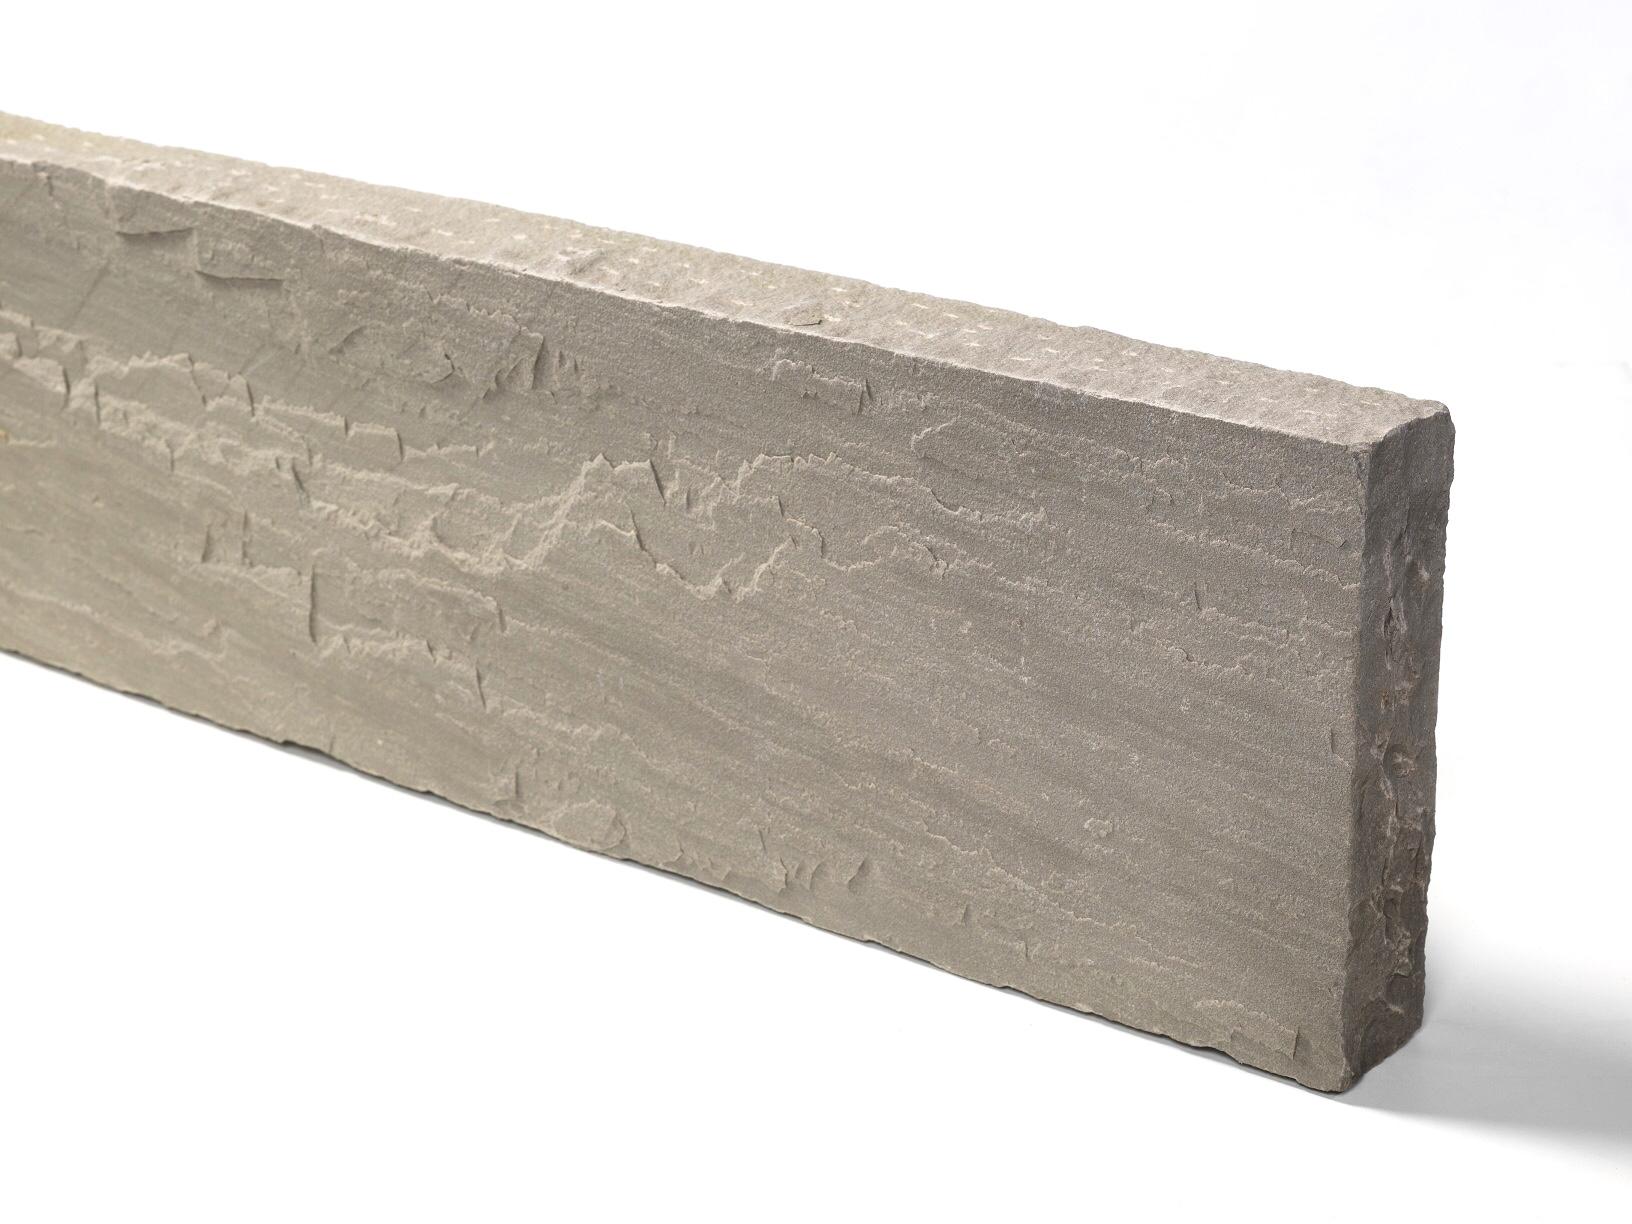 quarz-sandstein-kantenstein-grau-gespalten